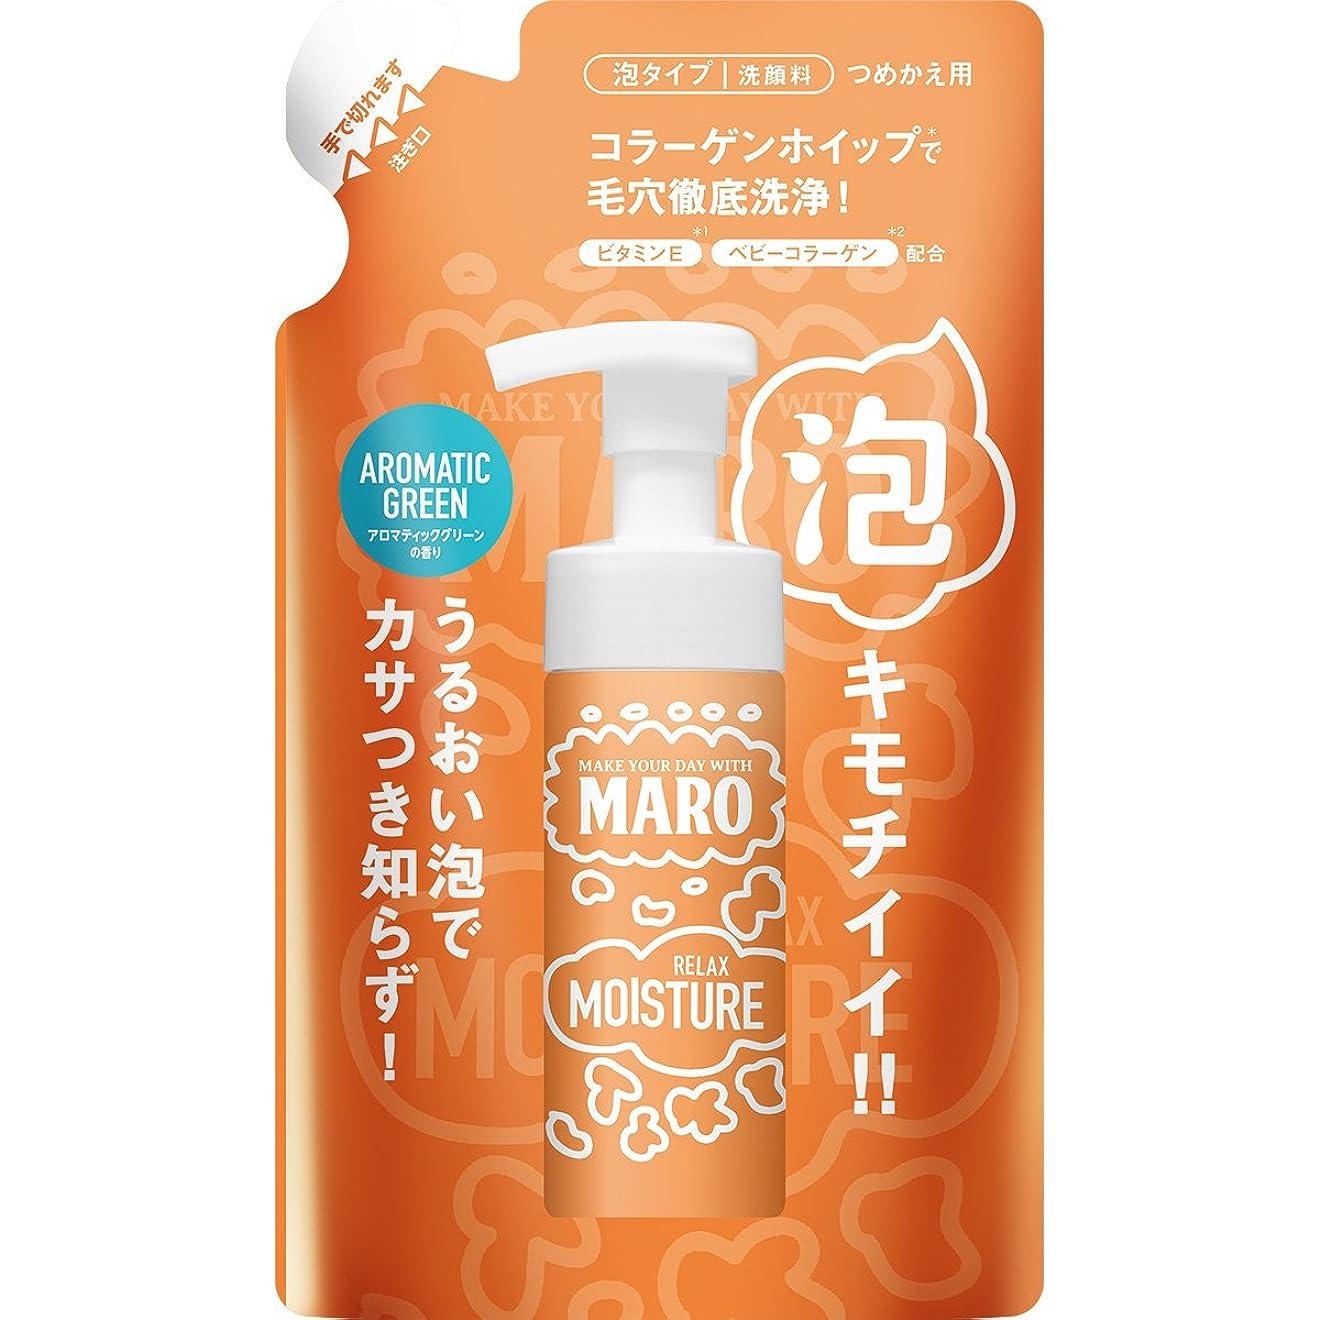 強化する実質的ペルーMARO グルーヴィー 泡洗顔 詰め替え リラックスモイスチャー 130ml